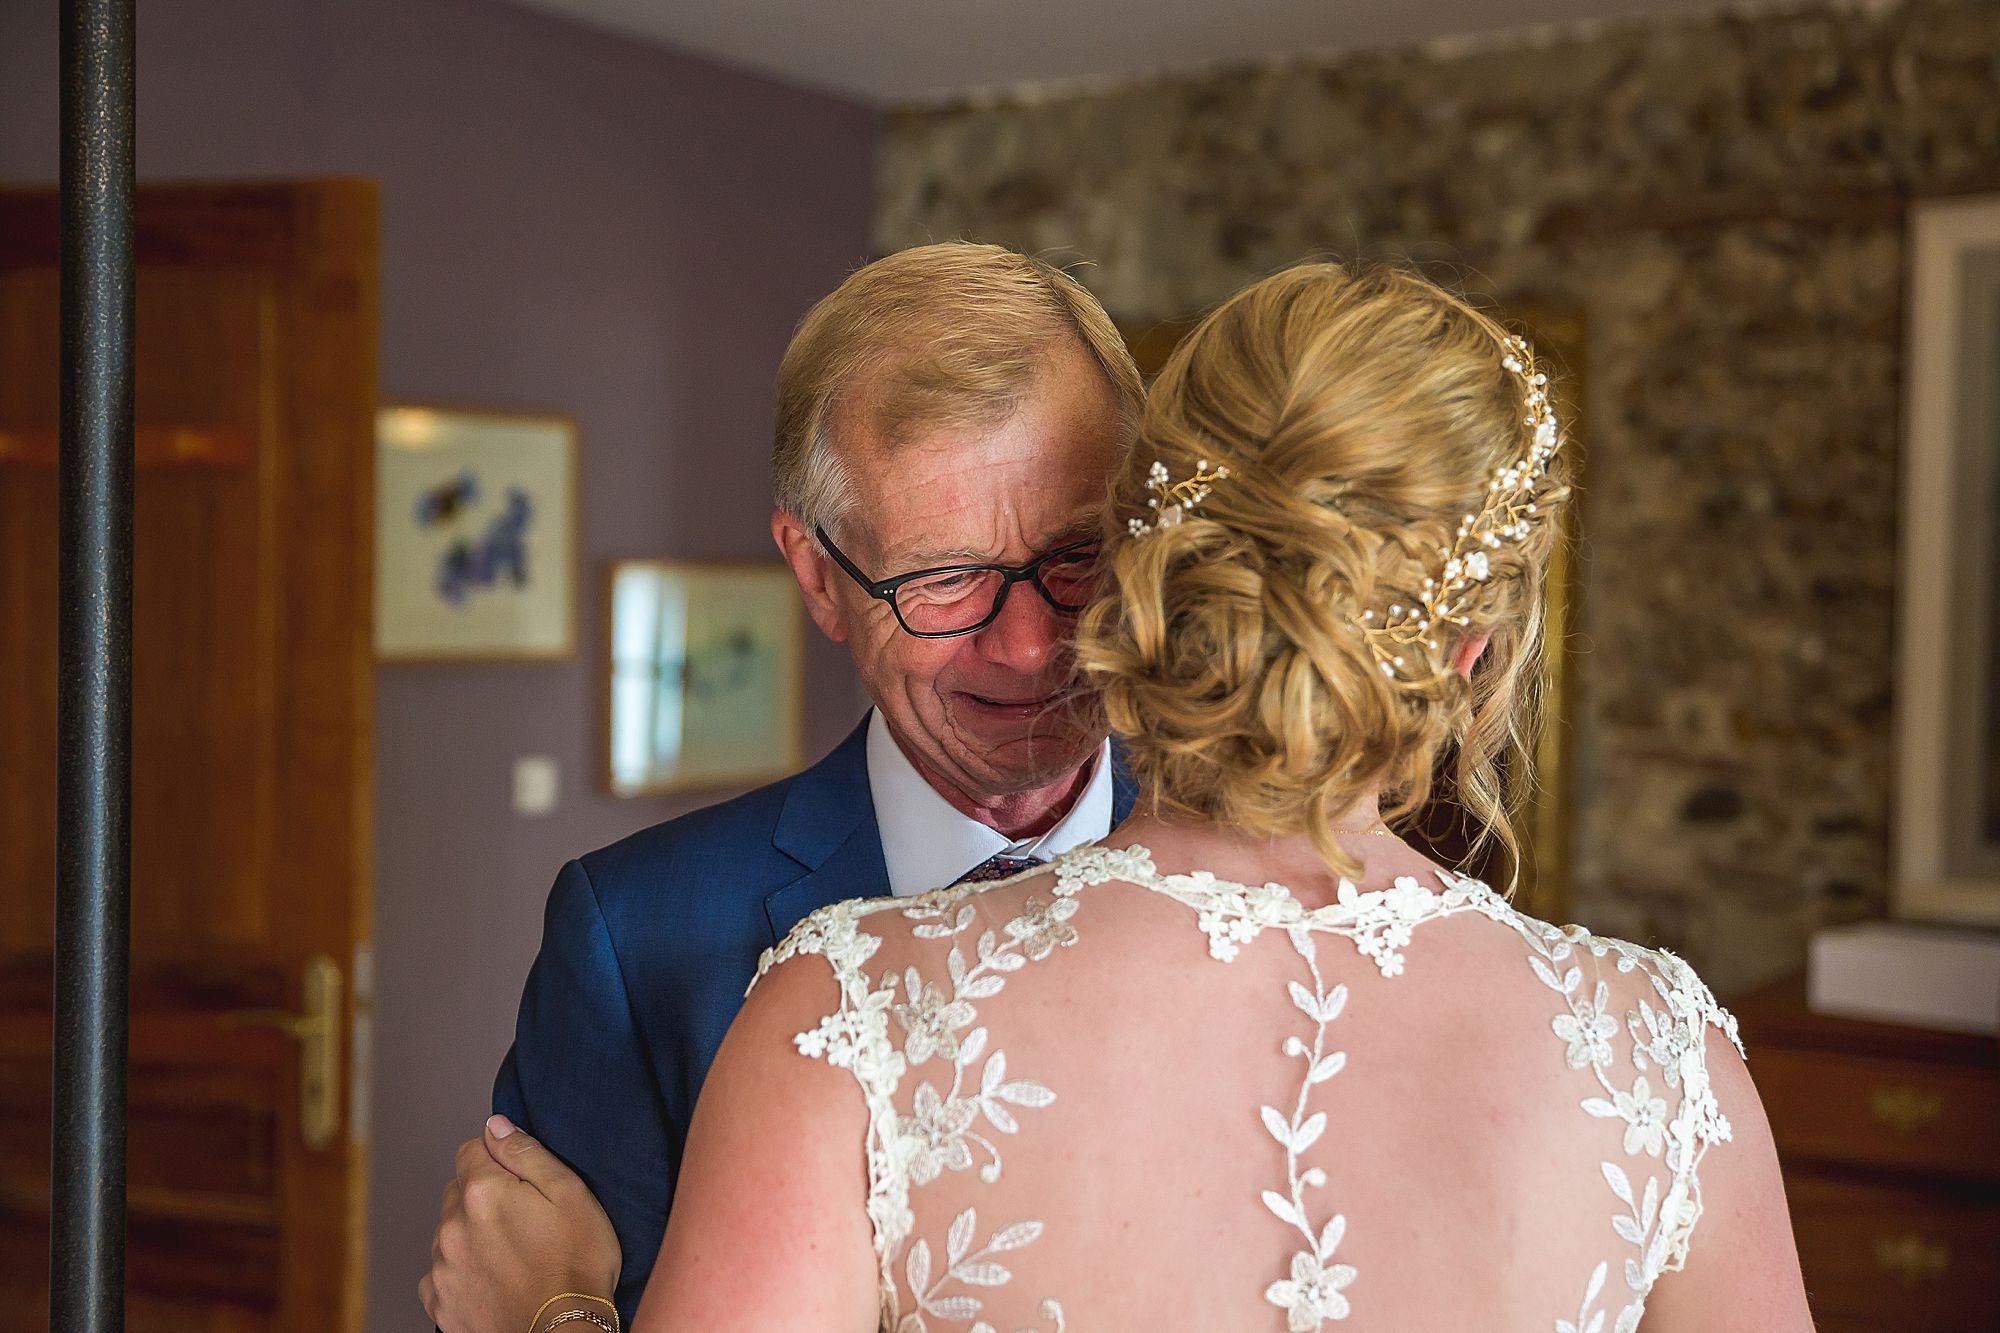 Dad hugs bride